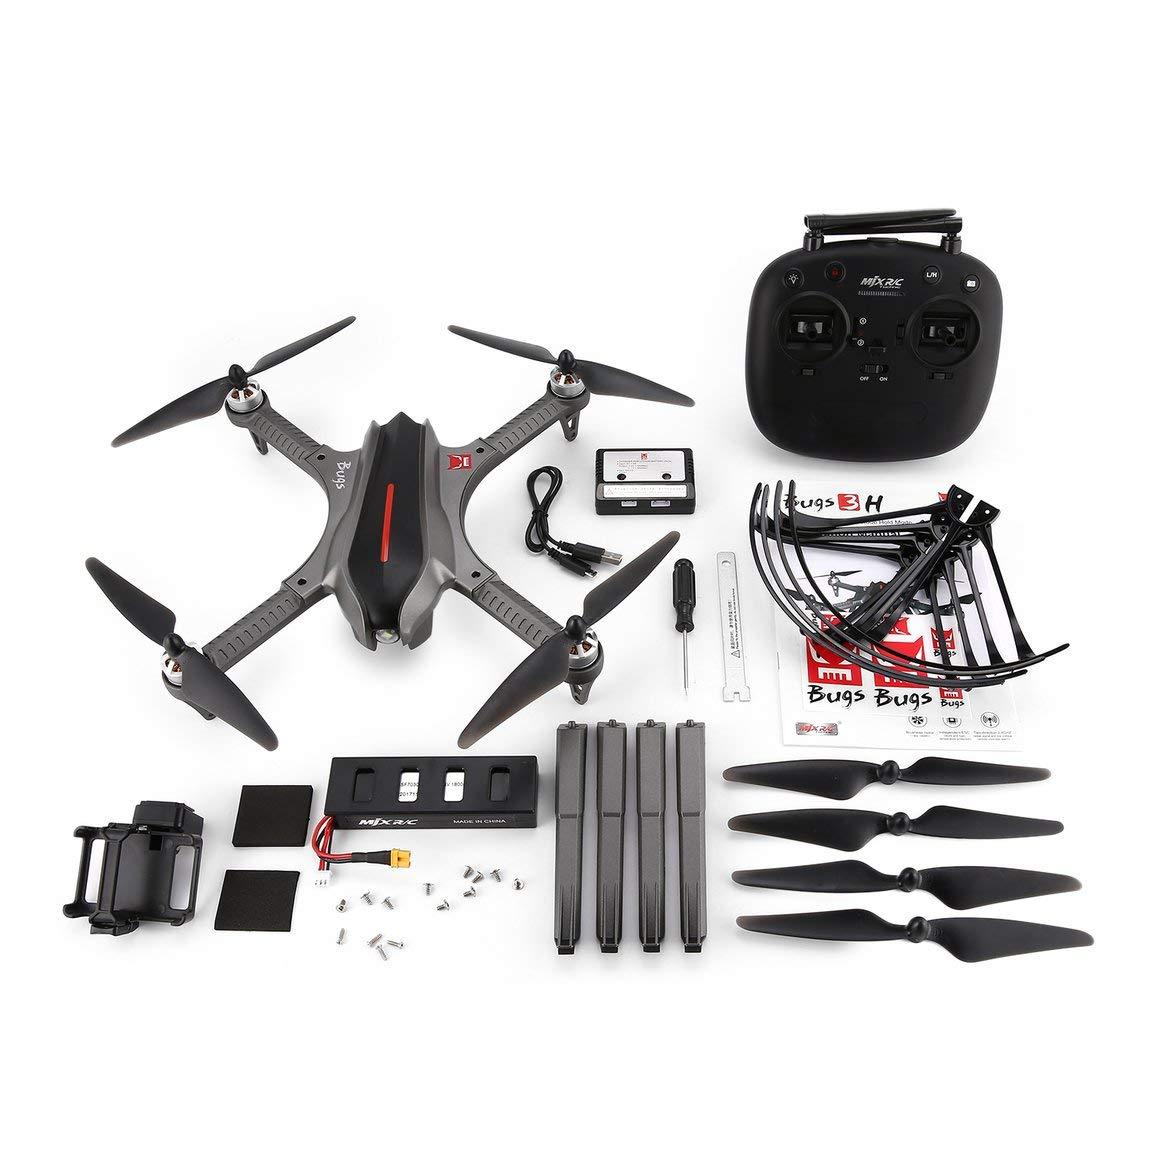 Delicacydex MJX Bugs B3H RC Drone Quadrocopter frei zu wechseln Höhe halten RC Quadcopter Drone Brushless Motor 1806 1800KV Keine Kamera